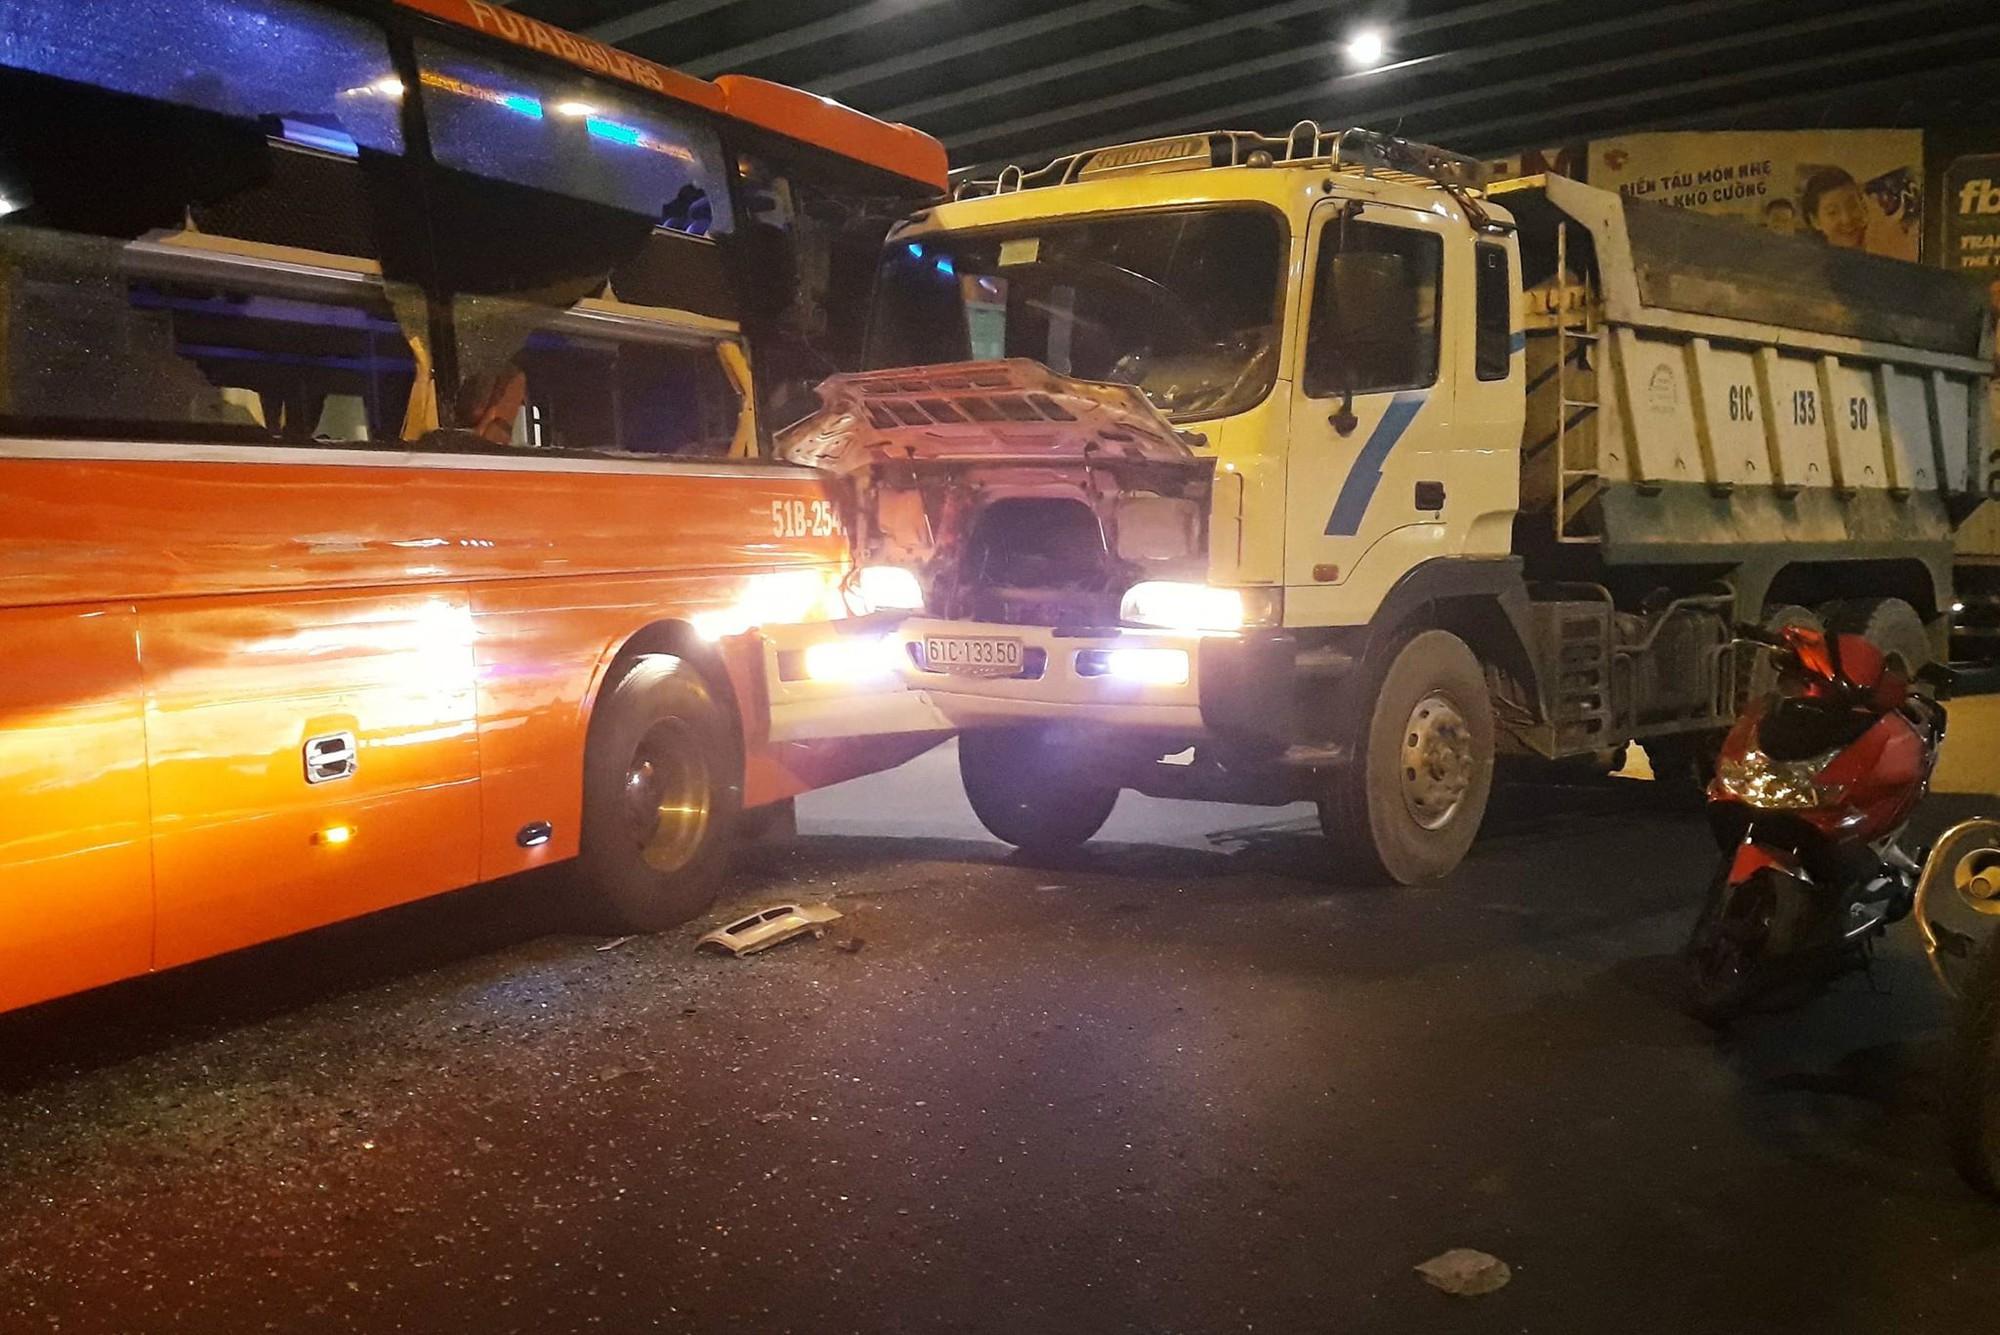 Xe giường nằm Phương Trang bị xe ben húc tại ngã tư Hàng Xanh, hành khách khóc thét kêu cứu-2